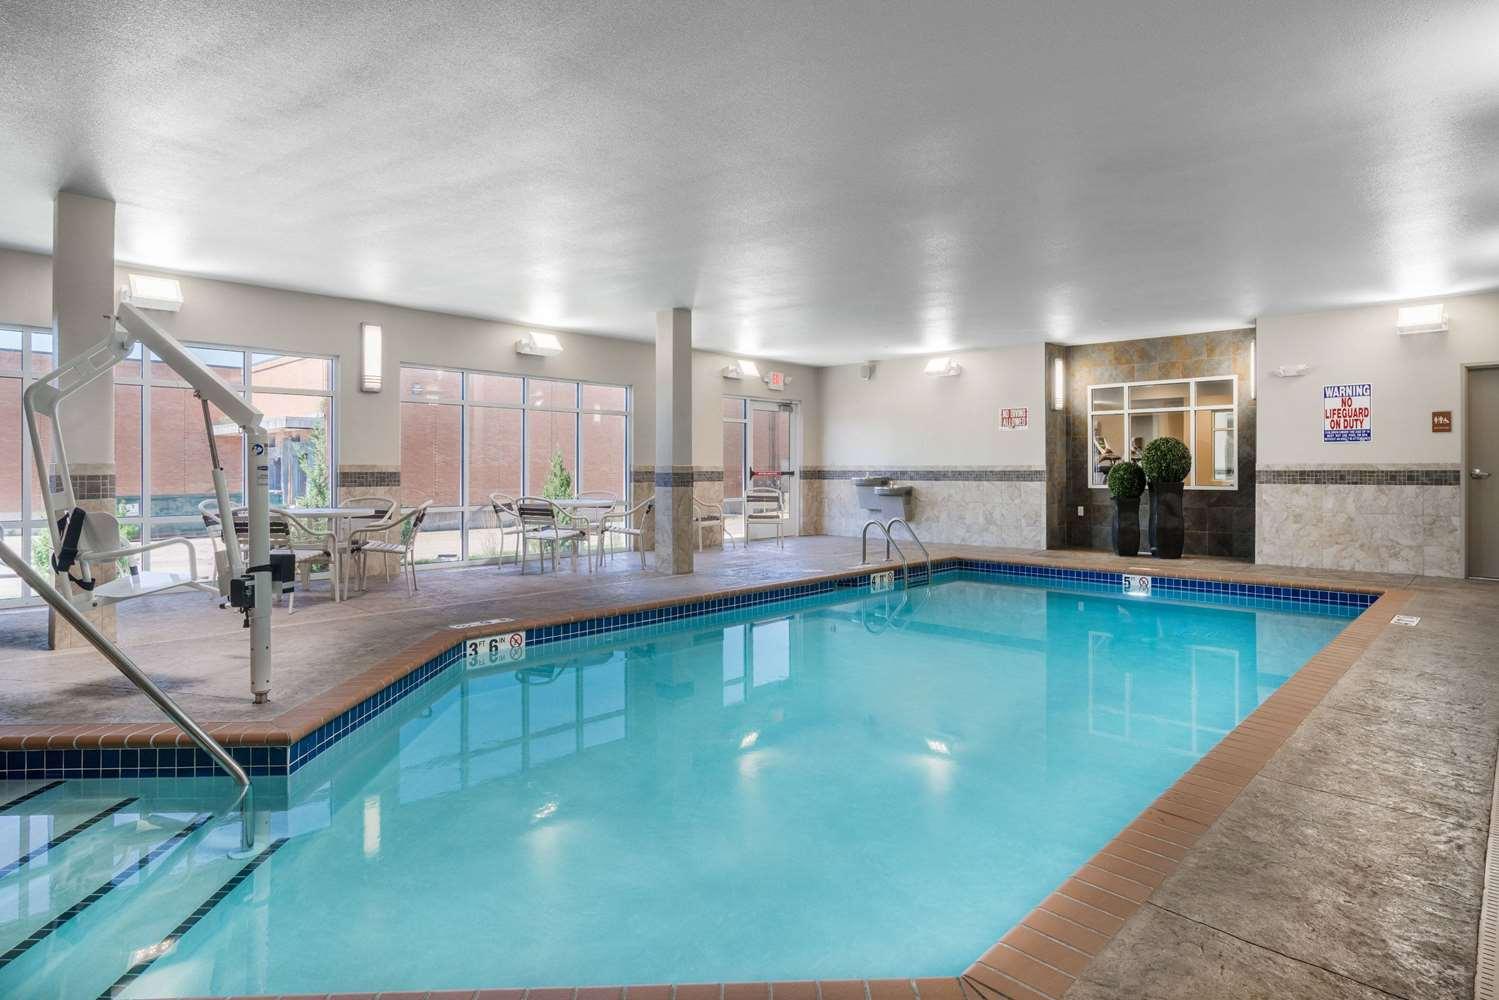 Pool Americinn Hotel Suites Winona